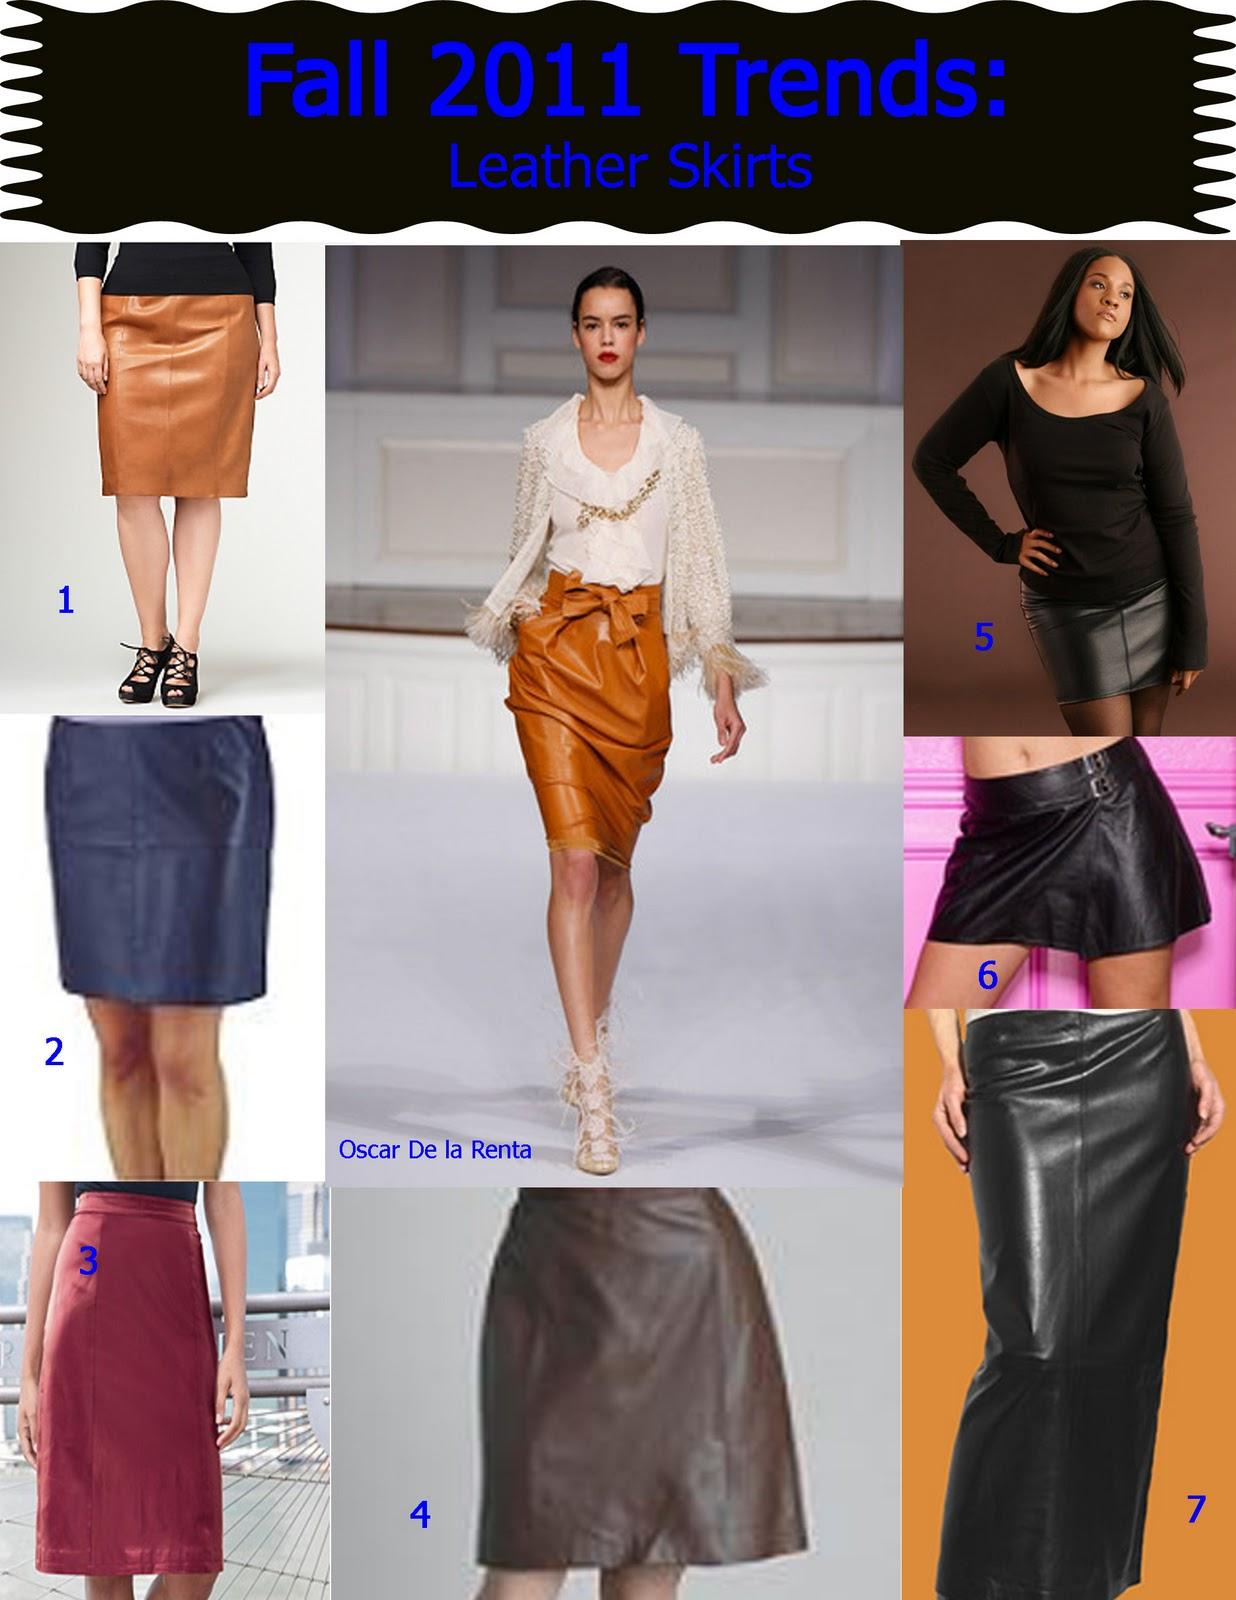 http://3.bp.blogspot.com/-9q4_FD7h7zo/TnylZgaQprI/AAAAAAAAI7w/rXTJa9JiMiY/s1600/leather+skirts.jpg